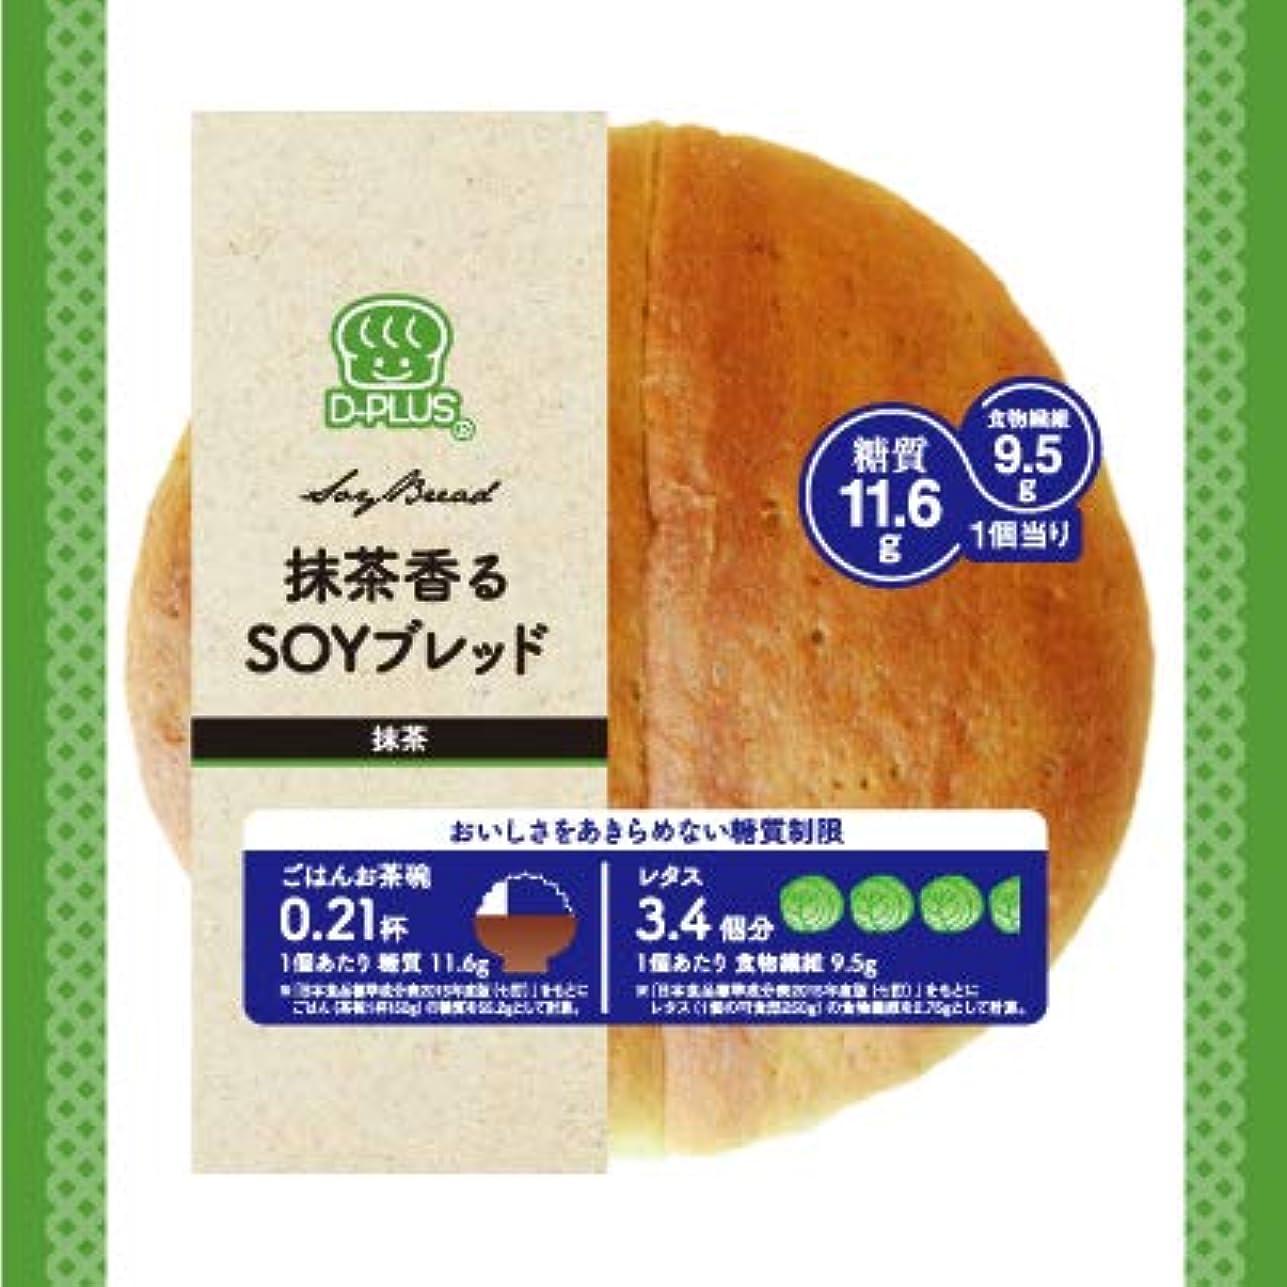 クロニクル防衛寮デイプラス 天然酵母パン SOYブレッド 抹茶 12個(1ケース)